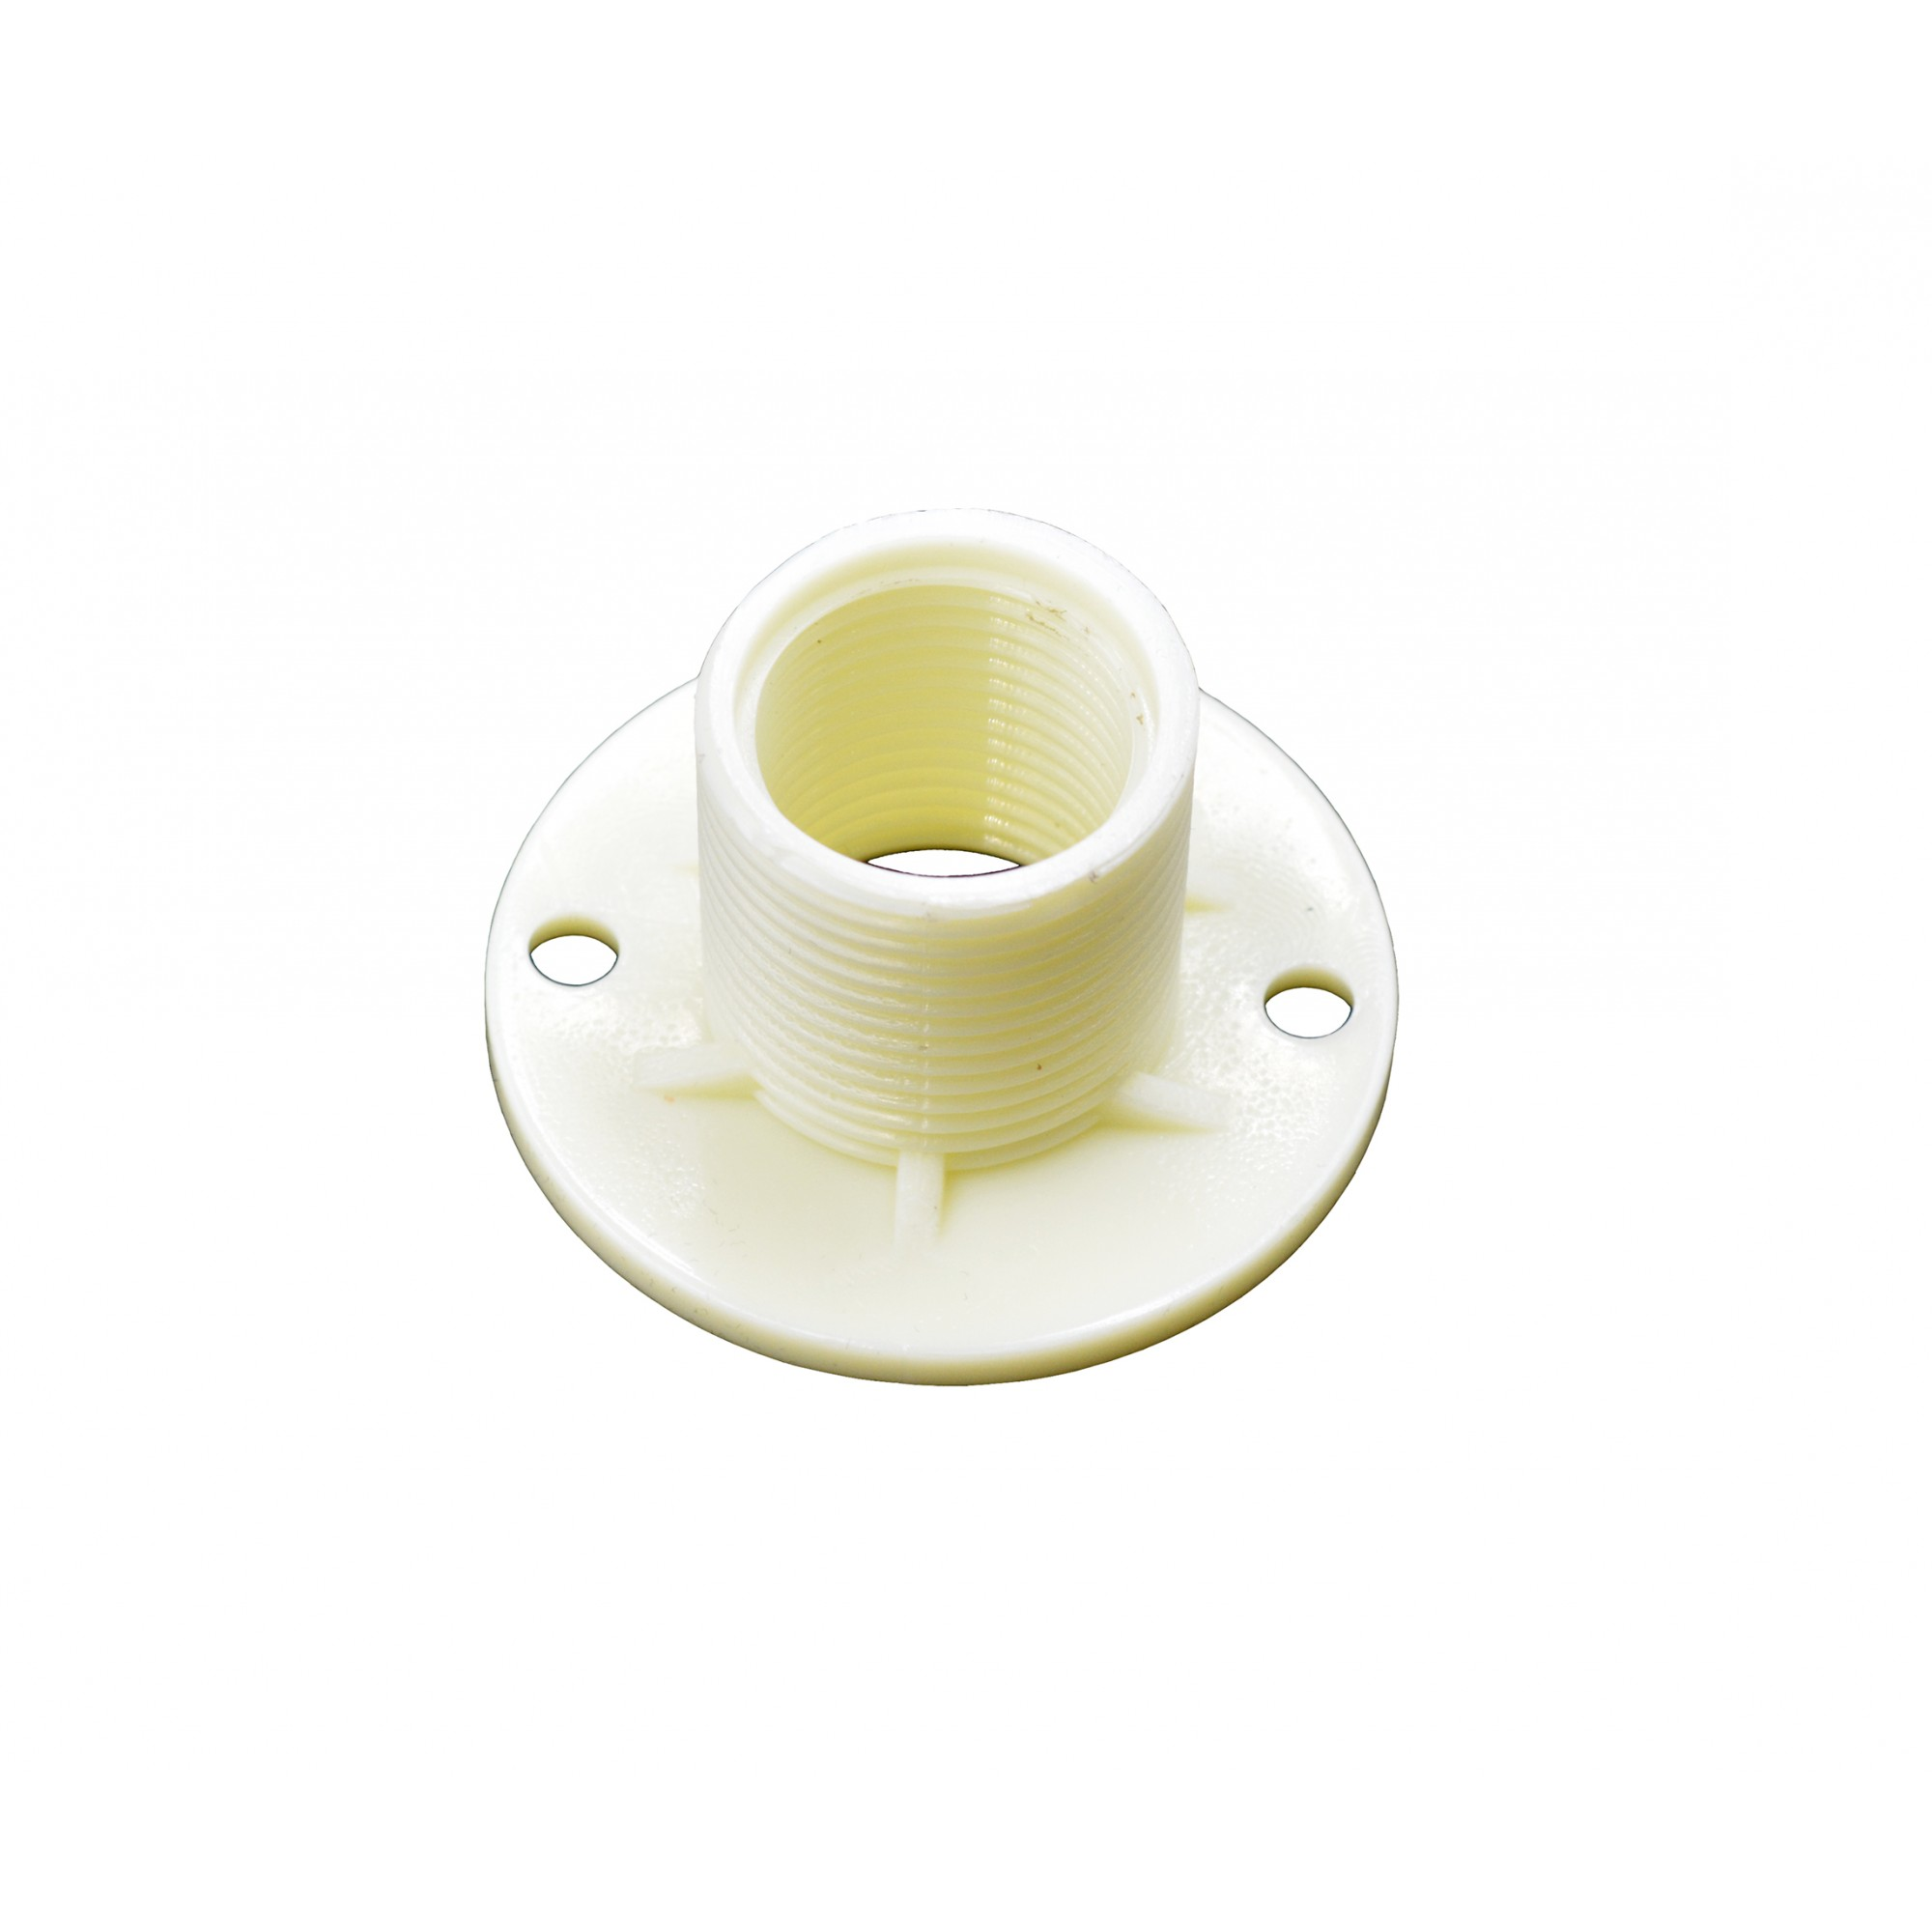 Крепеж для товара на выставочный стенд, пластик, 3/4н*1/2в ВВ-05